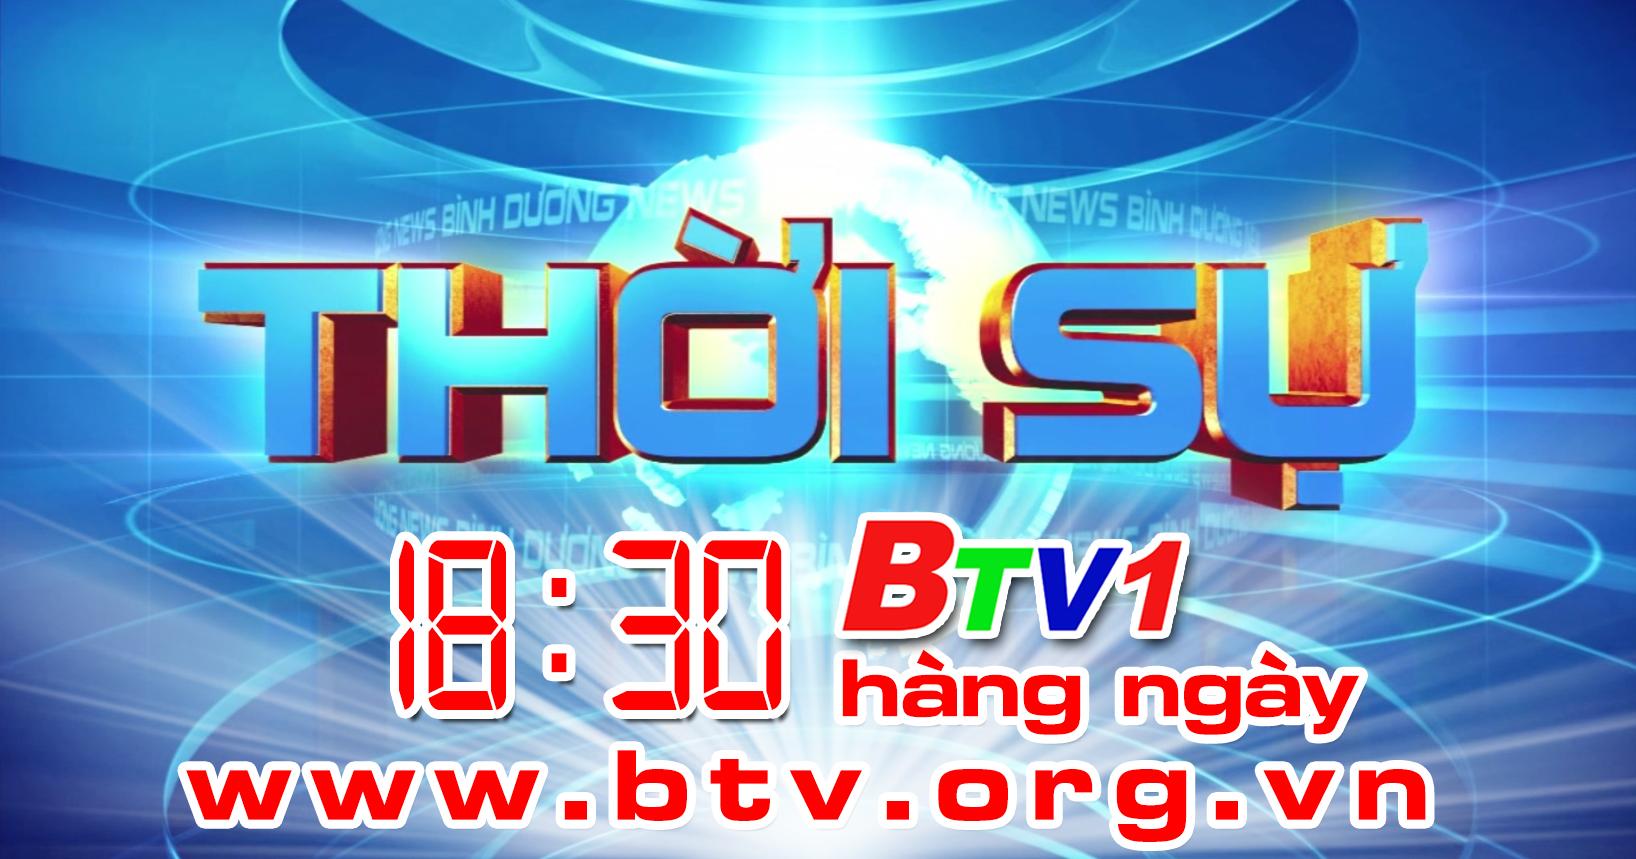 Chương trình 18 giờ 30 ngày 13/7/2020